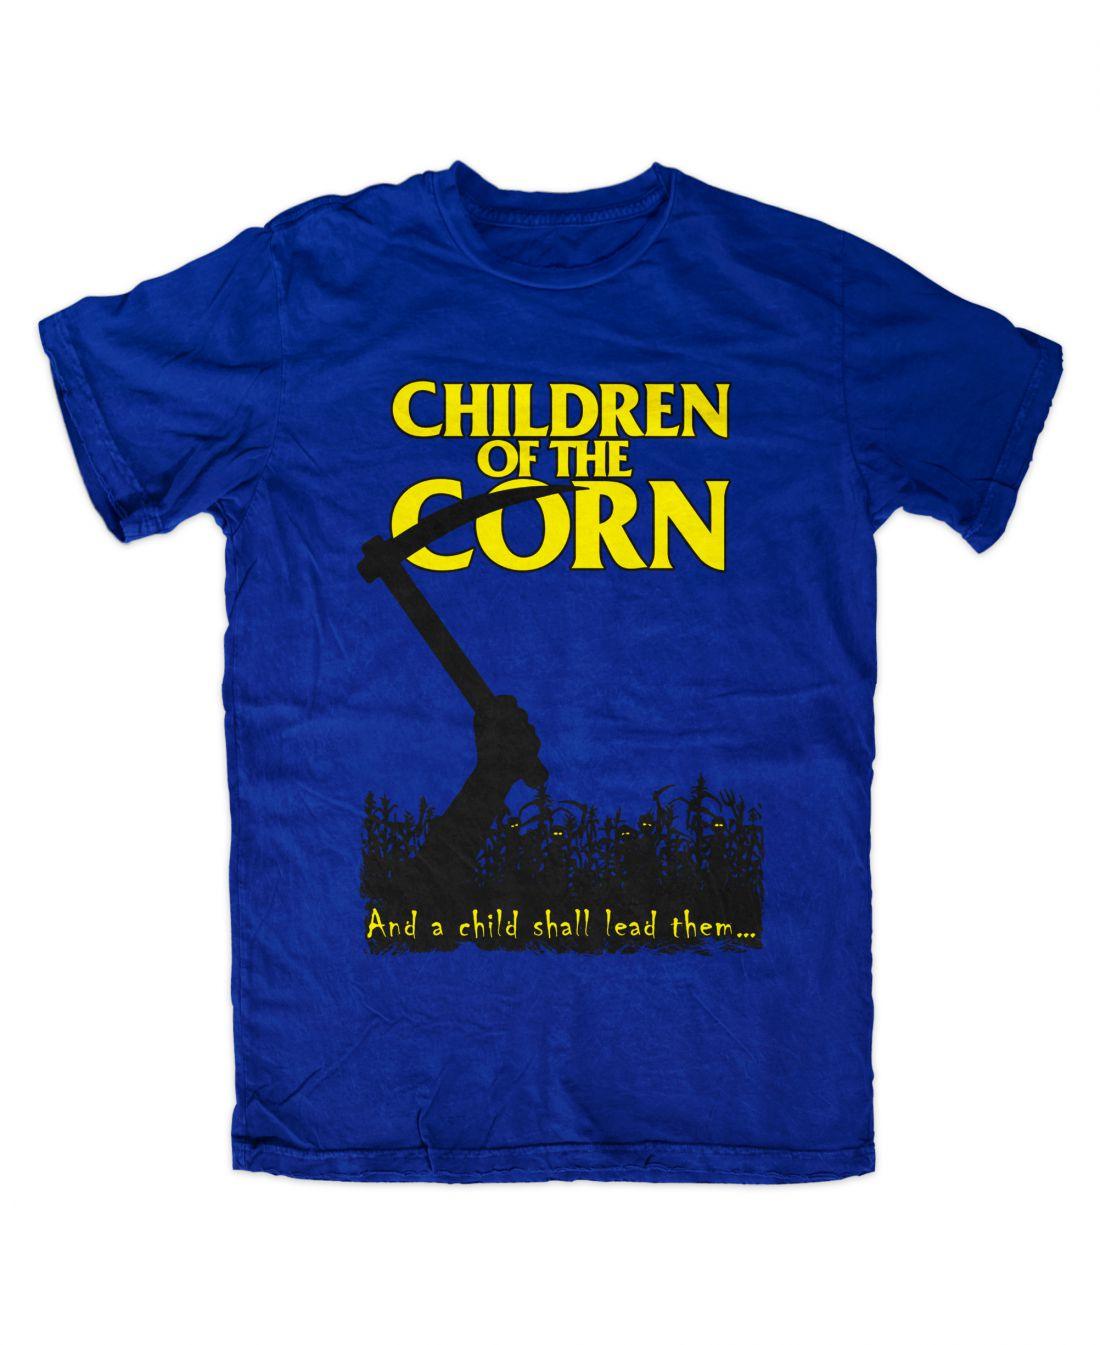 Children Of The Corn (királykék póló)